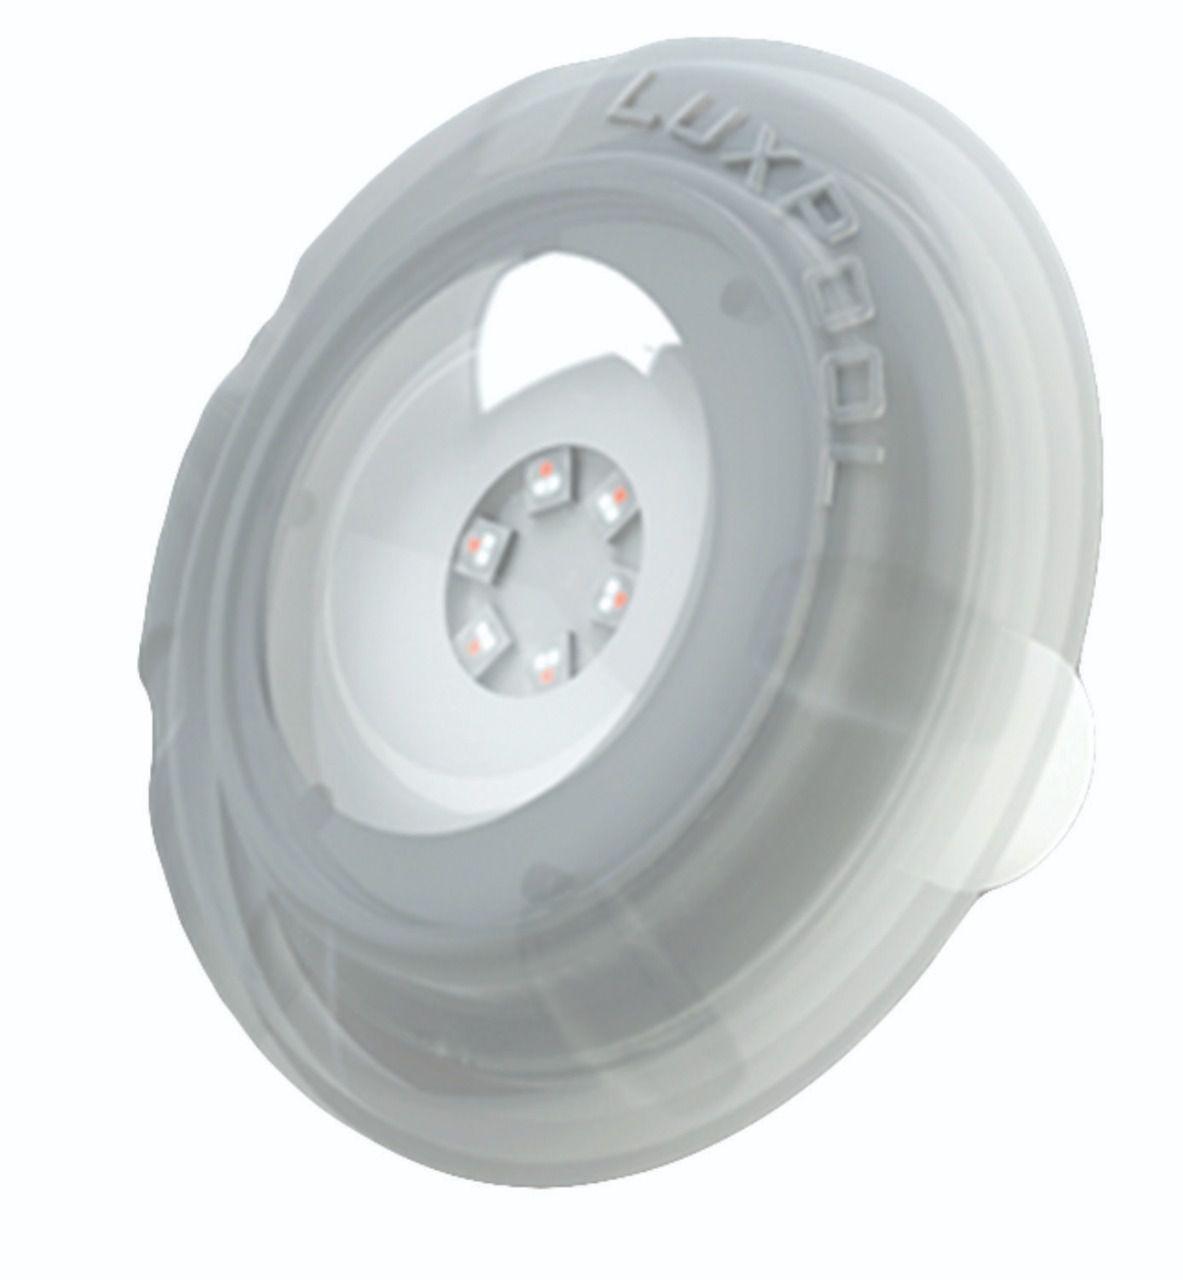 Kit Controle Touch com 02 Refletores LED RGB 9W Piscina com até 32m²